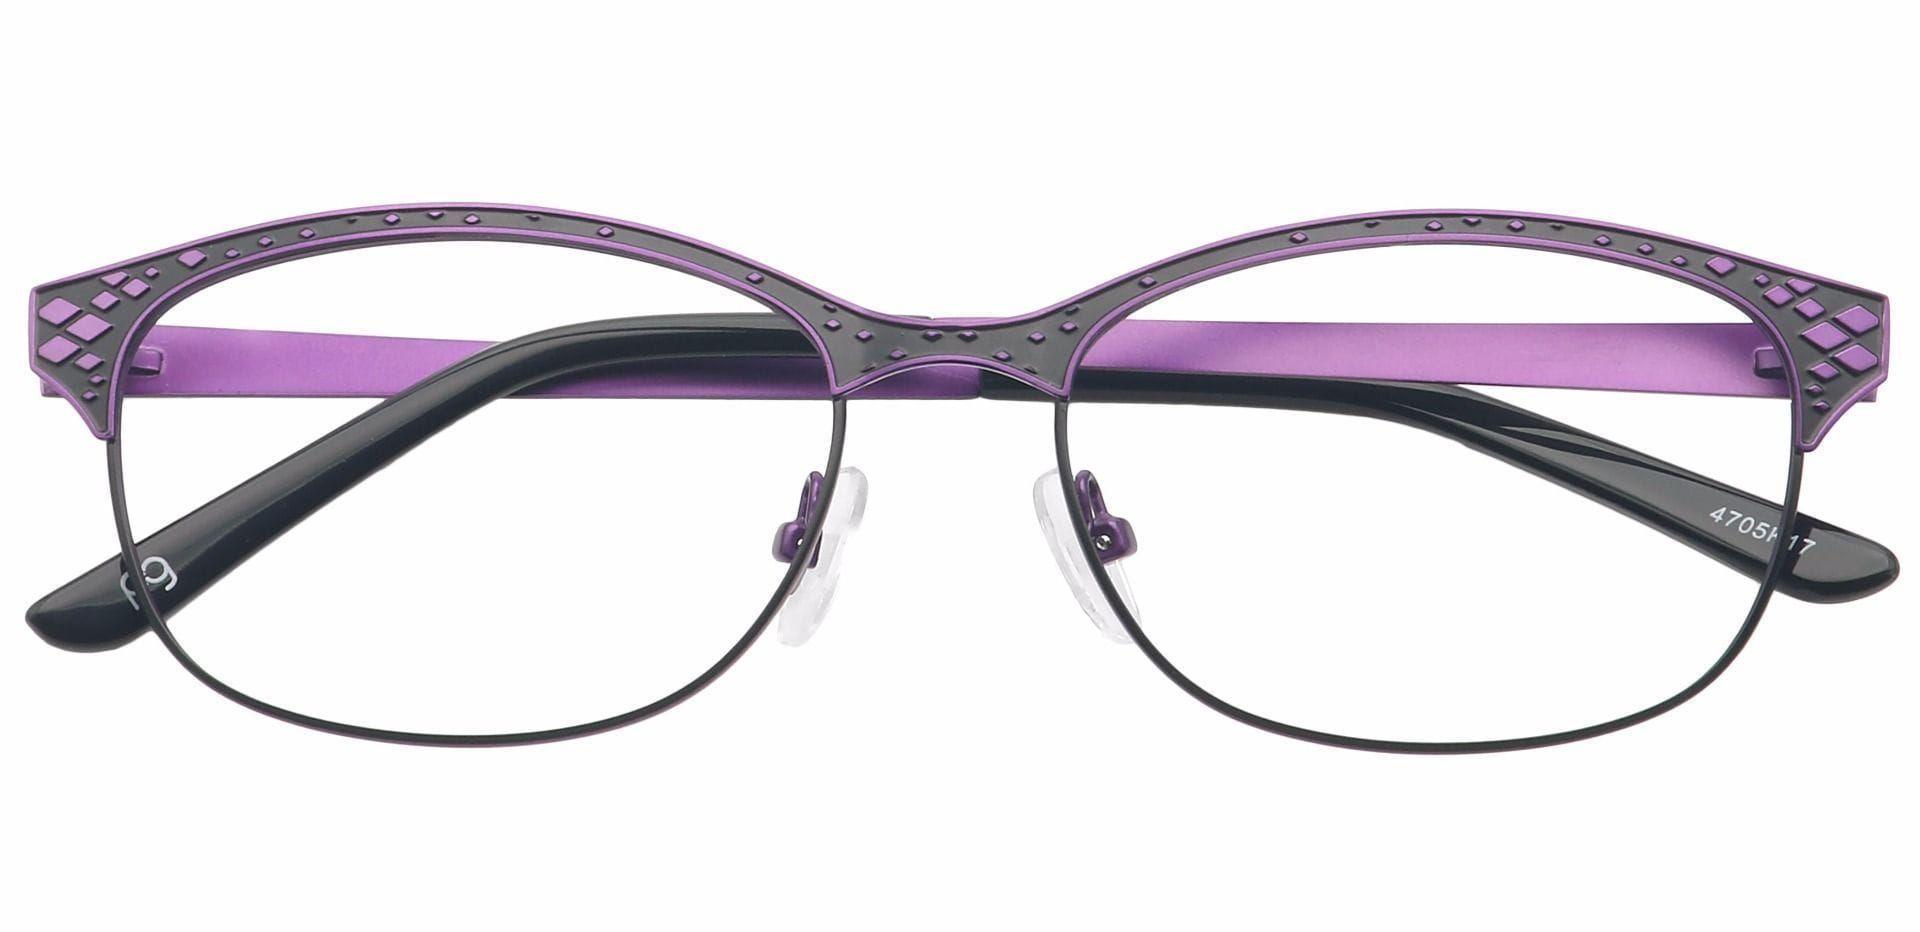 Aria Oval Prescription Glasses - Purple